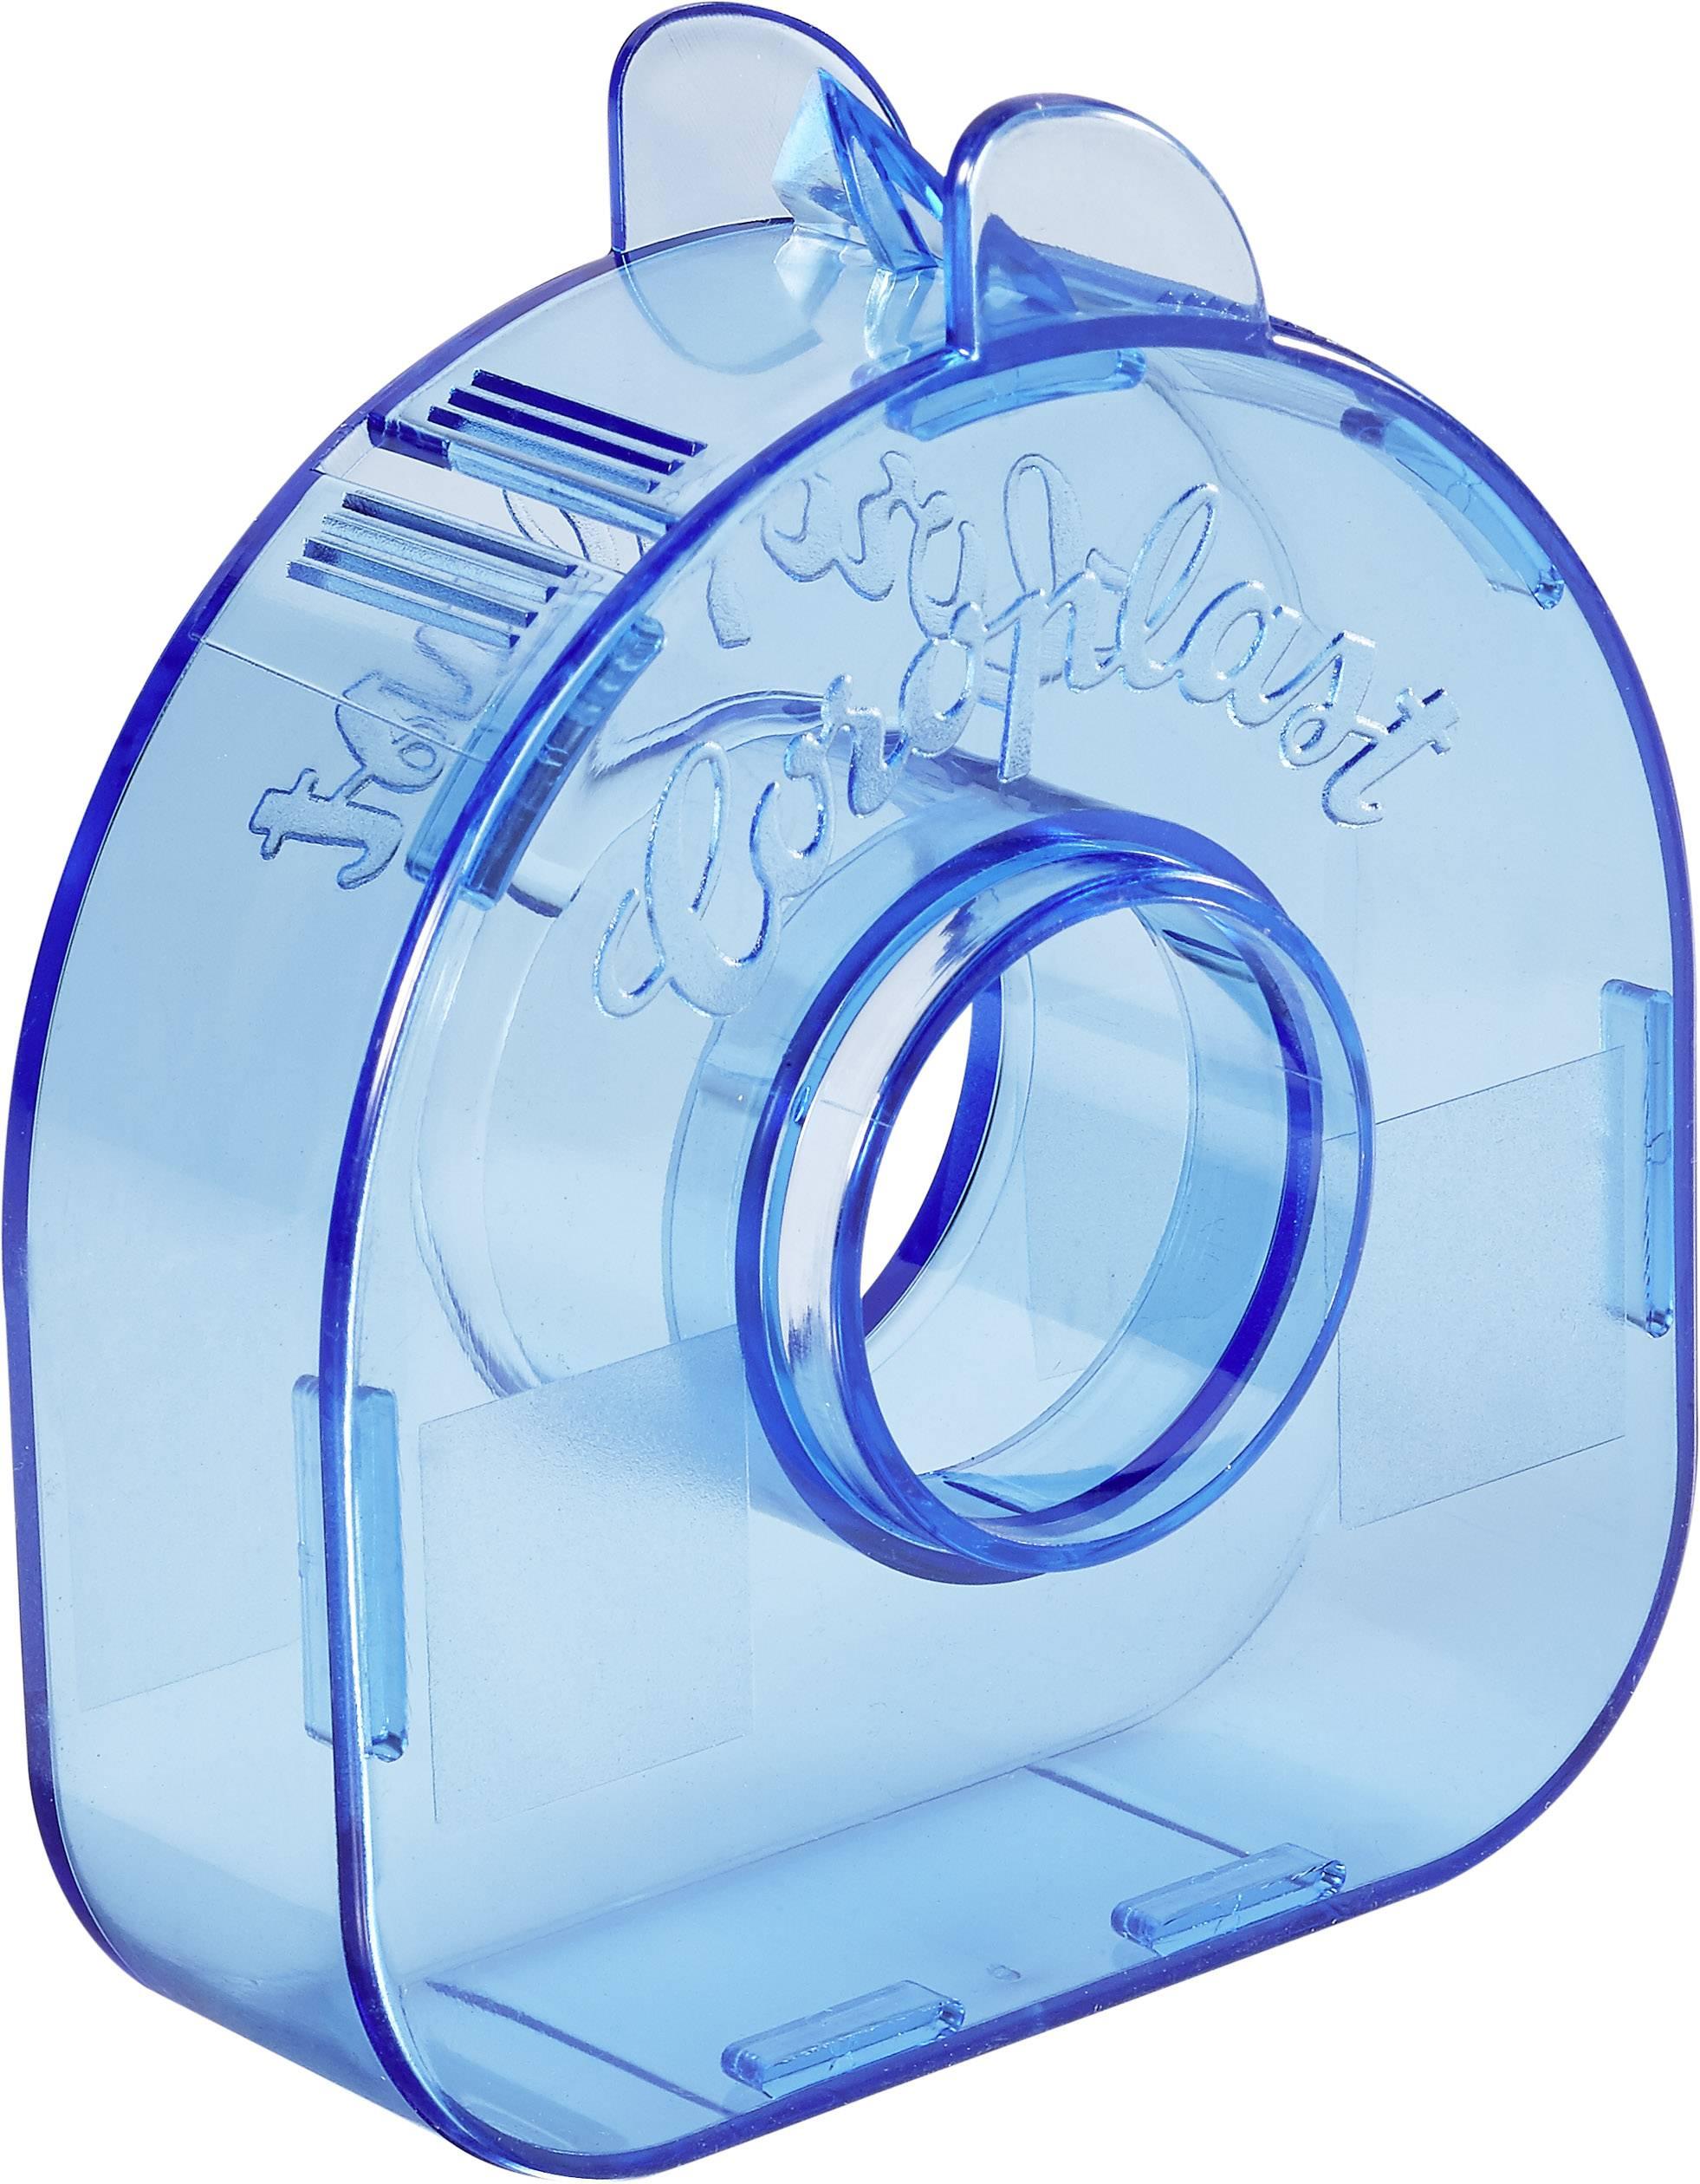 Odvíječ izolační pásky Coroplast, 41223, 10 m, modrá